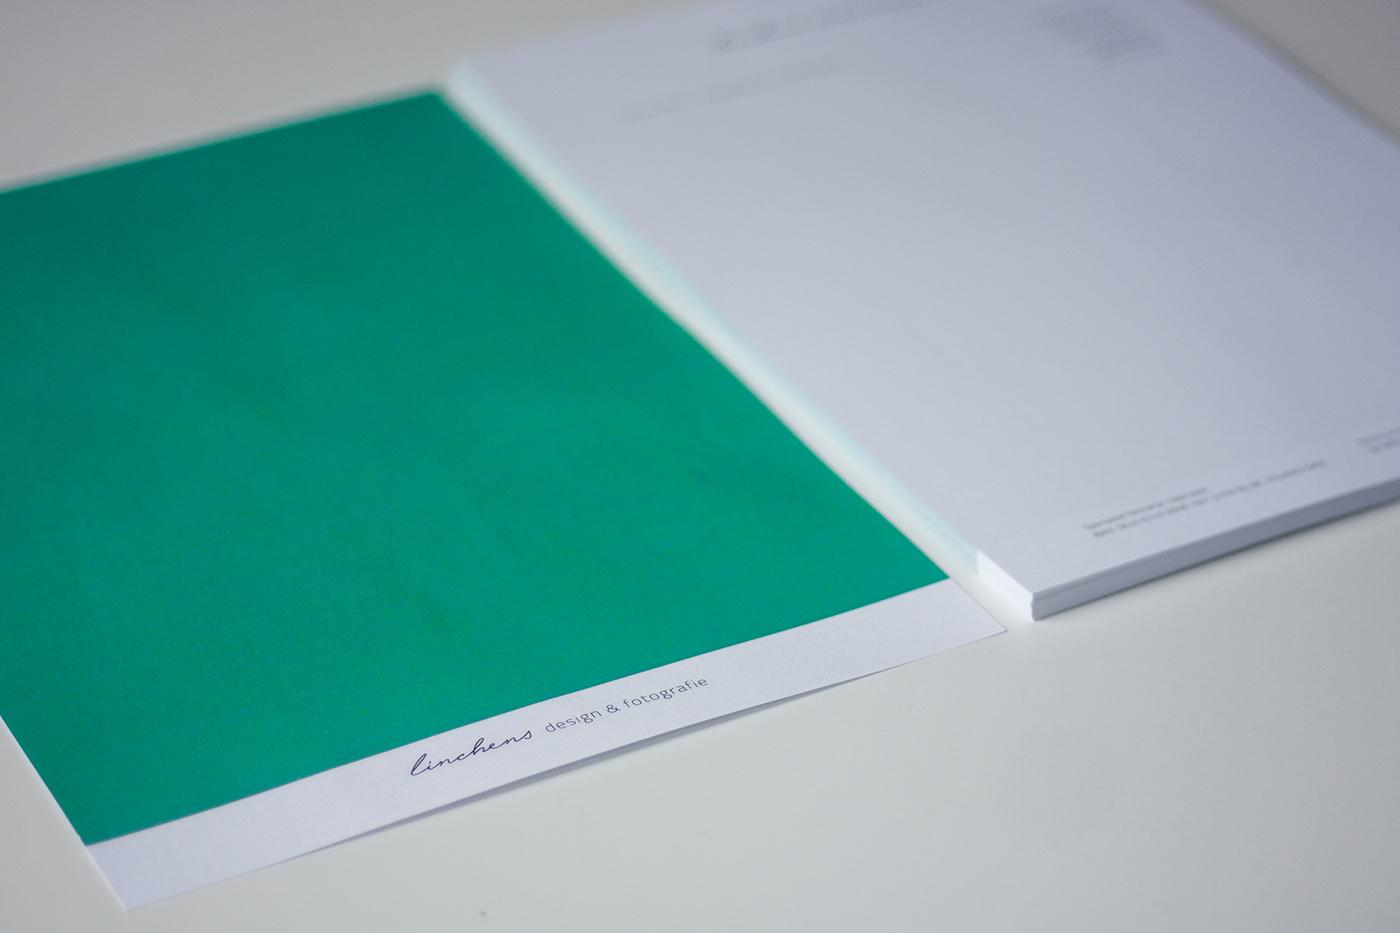 Business Cards Visitenkarten briefbogen Corporate Design fotografie design fotograf Website Webseite geschäftsausstattung